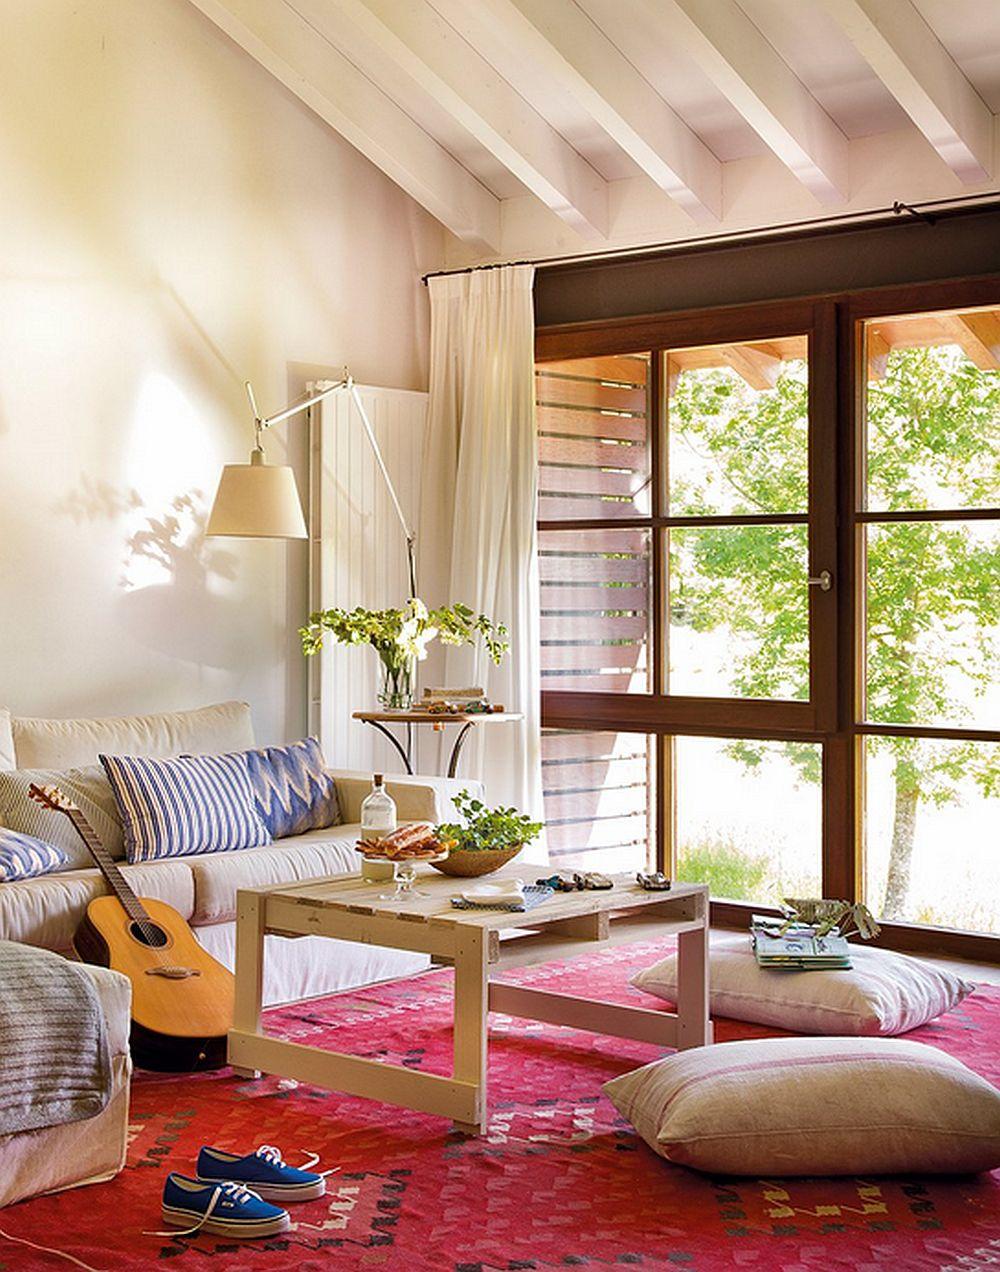 adelaparvu.com despre casa rustica, casa Spania, Asturias, arhitect Jaime Galmes, FotoElMueble (14)